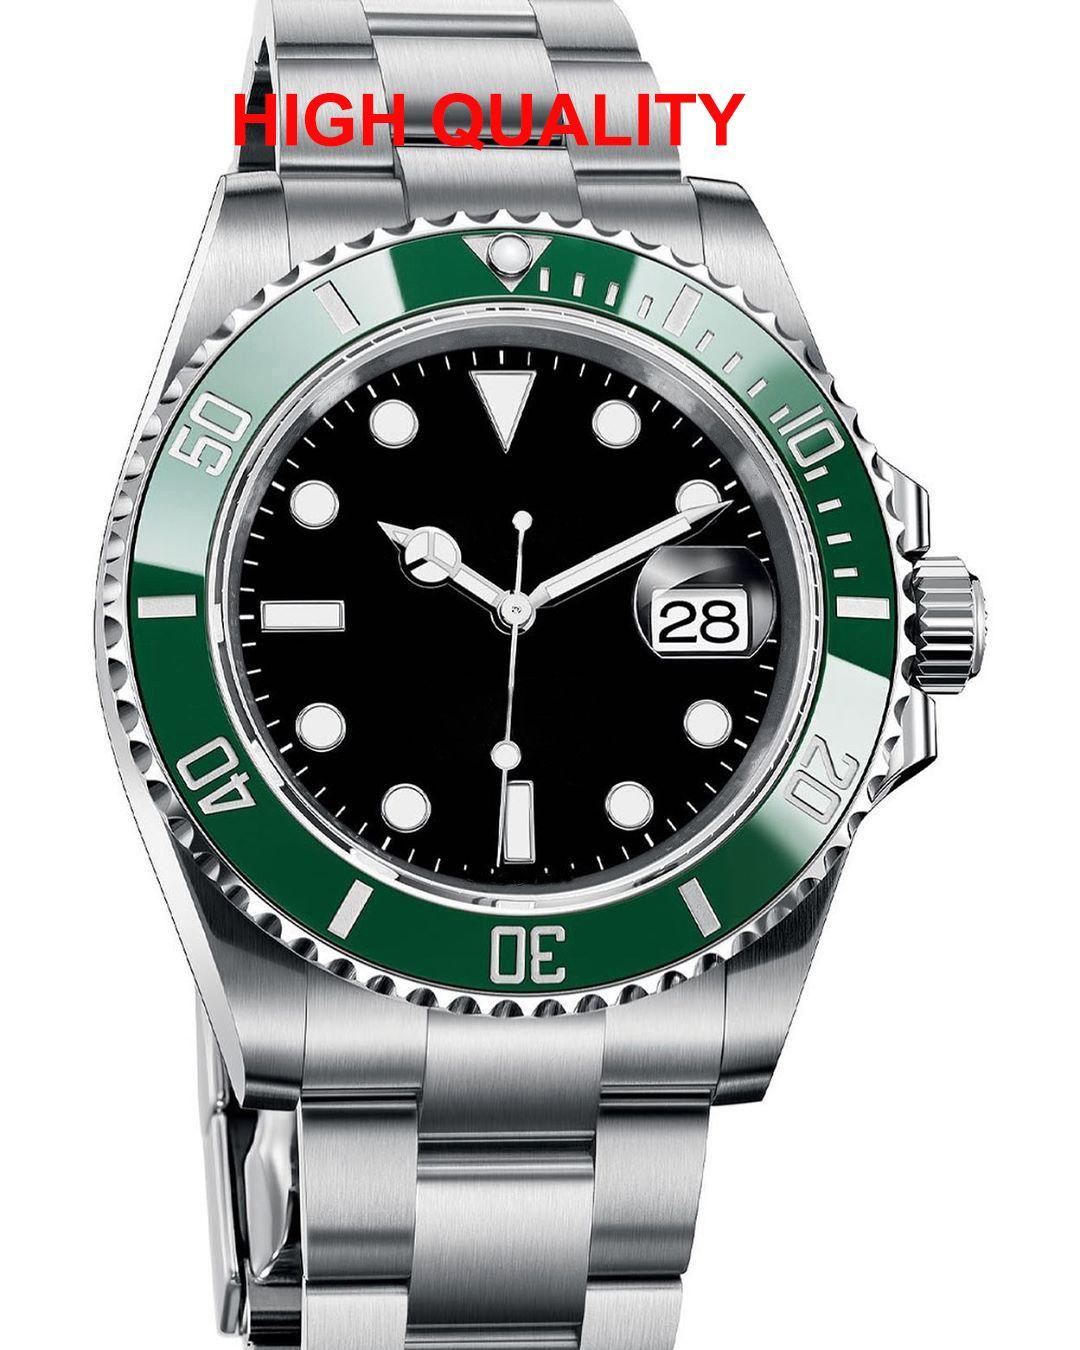 세라믹 베젤 남자 망 패션 여성 마스터 자동 기계 운동 GMT 디자이너 시계 남자 빛나는 다이아몬드 손목 시계 시계 2021